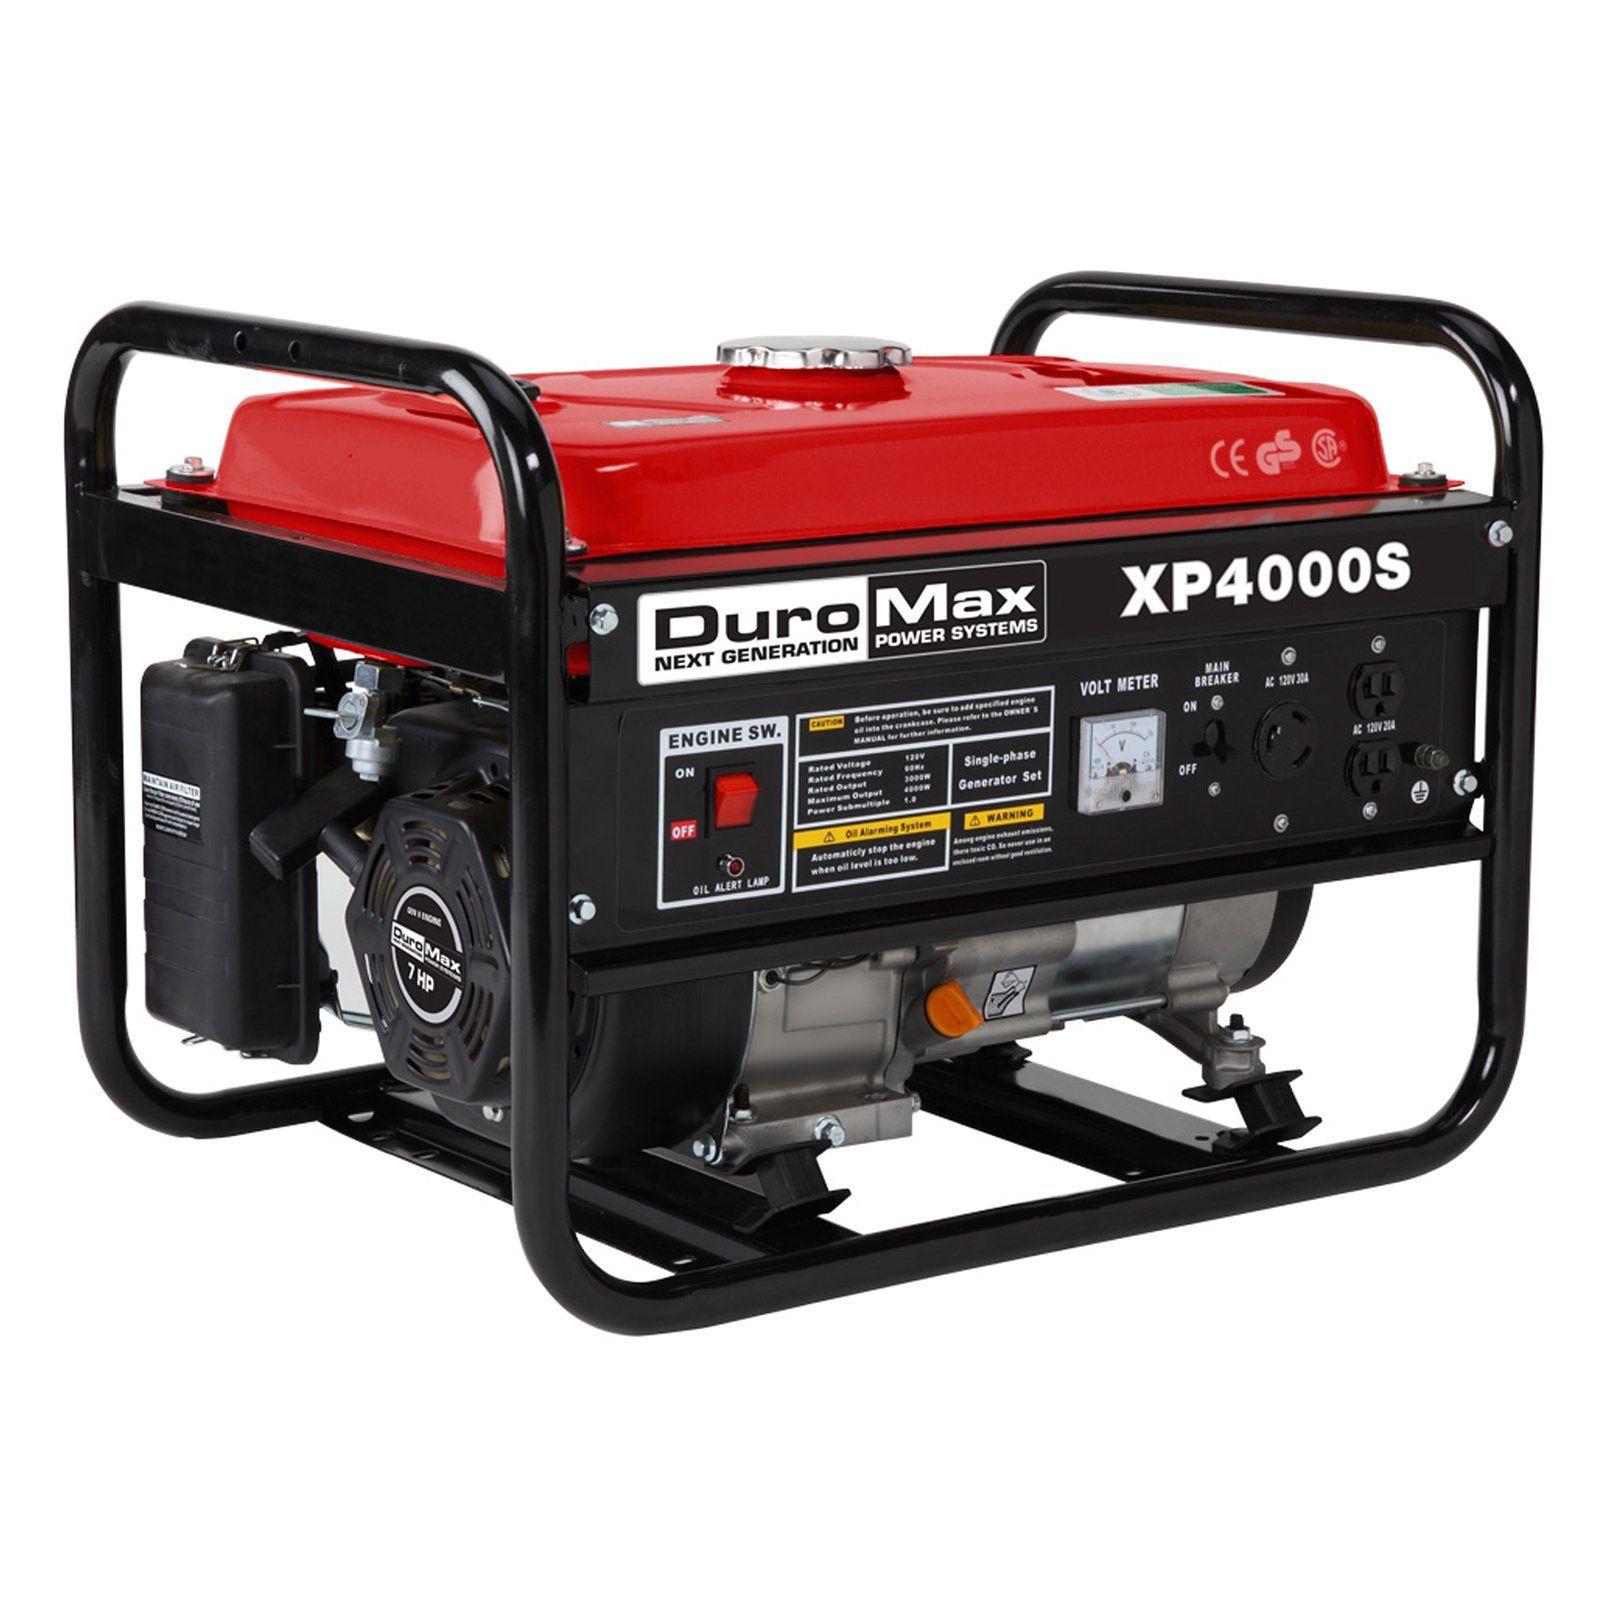 Duromax 4000 Watt 7 0 Hp Gas Engine Portable Rv Generator Xp4000s Best Portable Generator Portable Generator Rv Camping